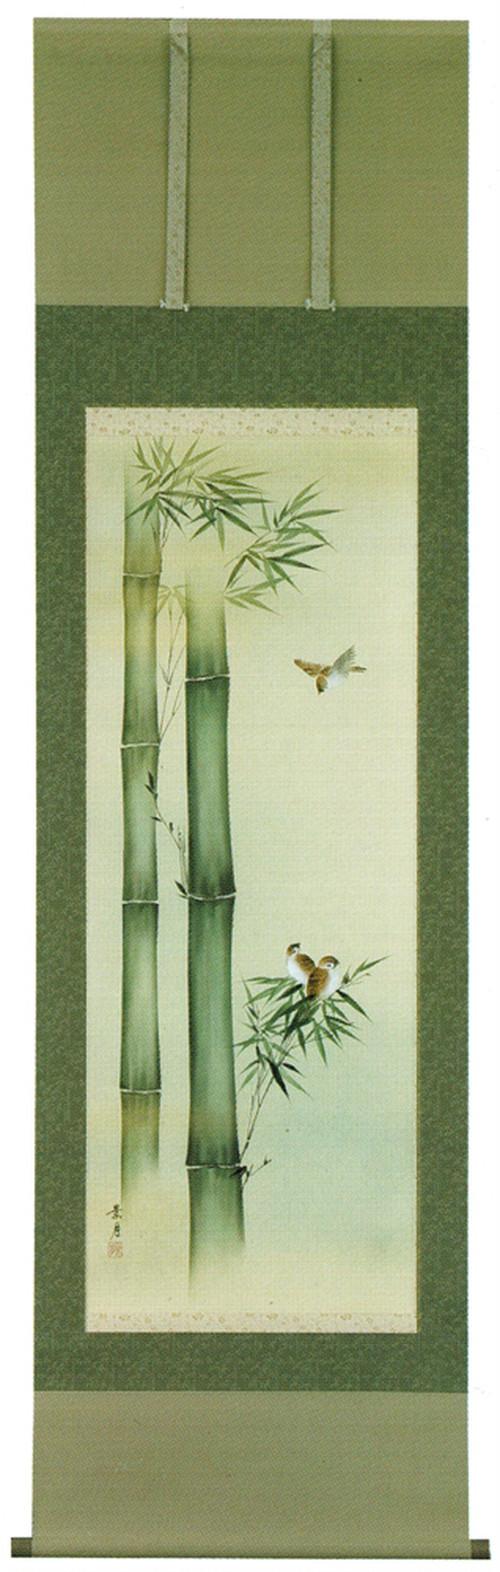 竹に雀 佐藤景月 尺五立 6209